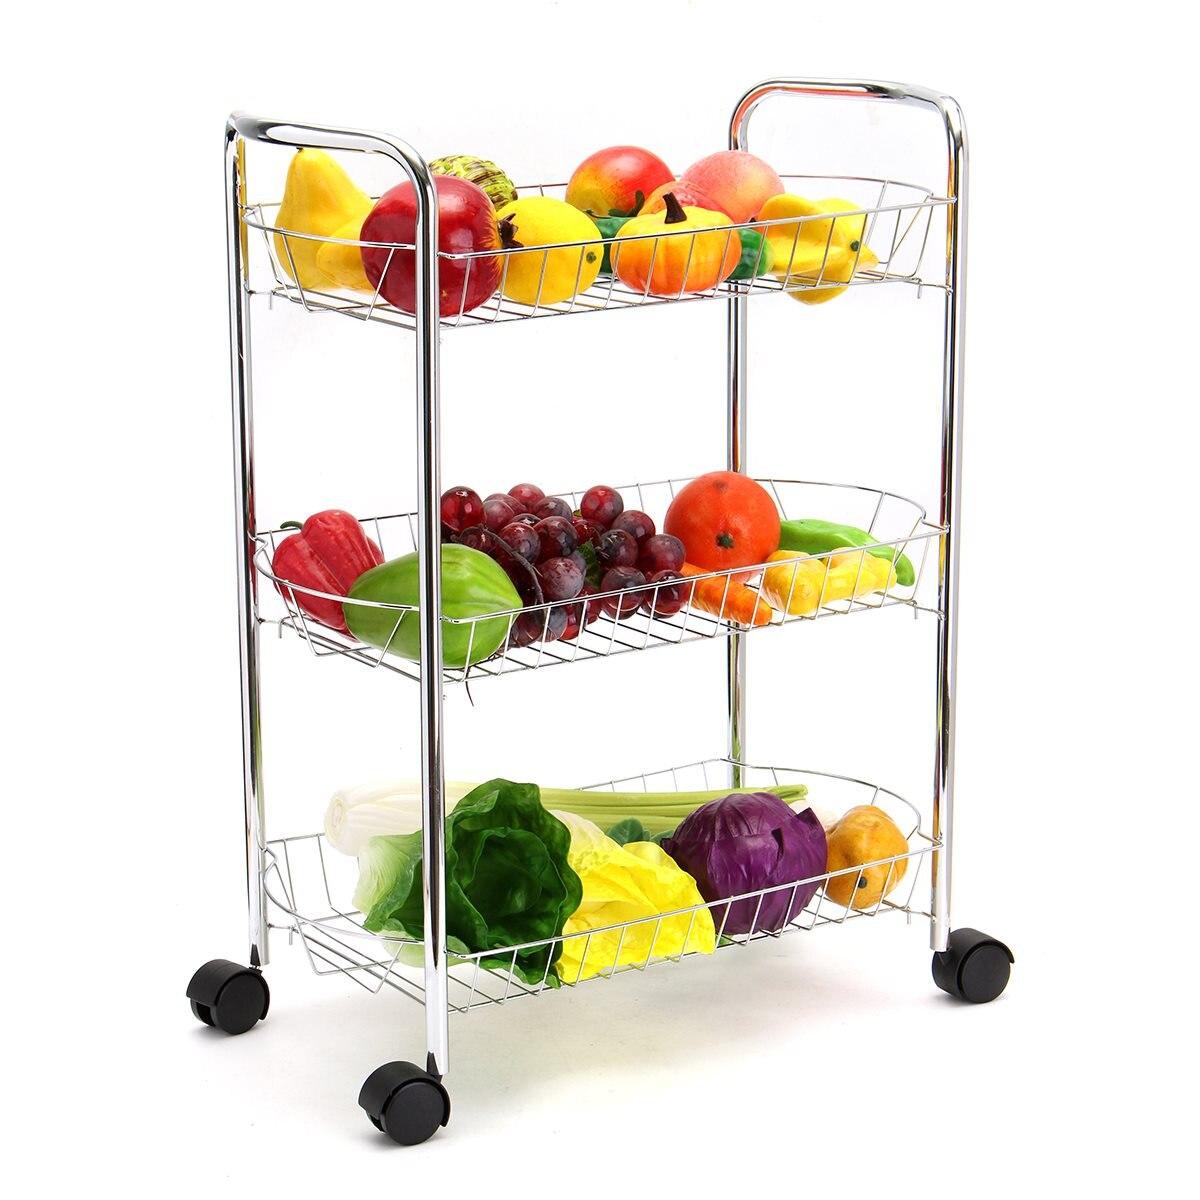 Küche storage metall 3 tier schwere küche trolley multifunktions utility wagen mit rädern einfache bewegen